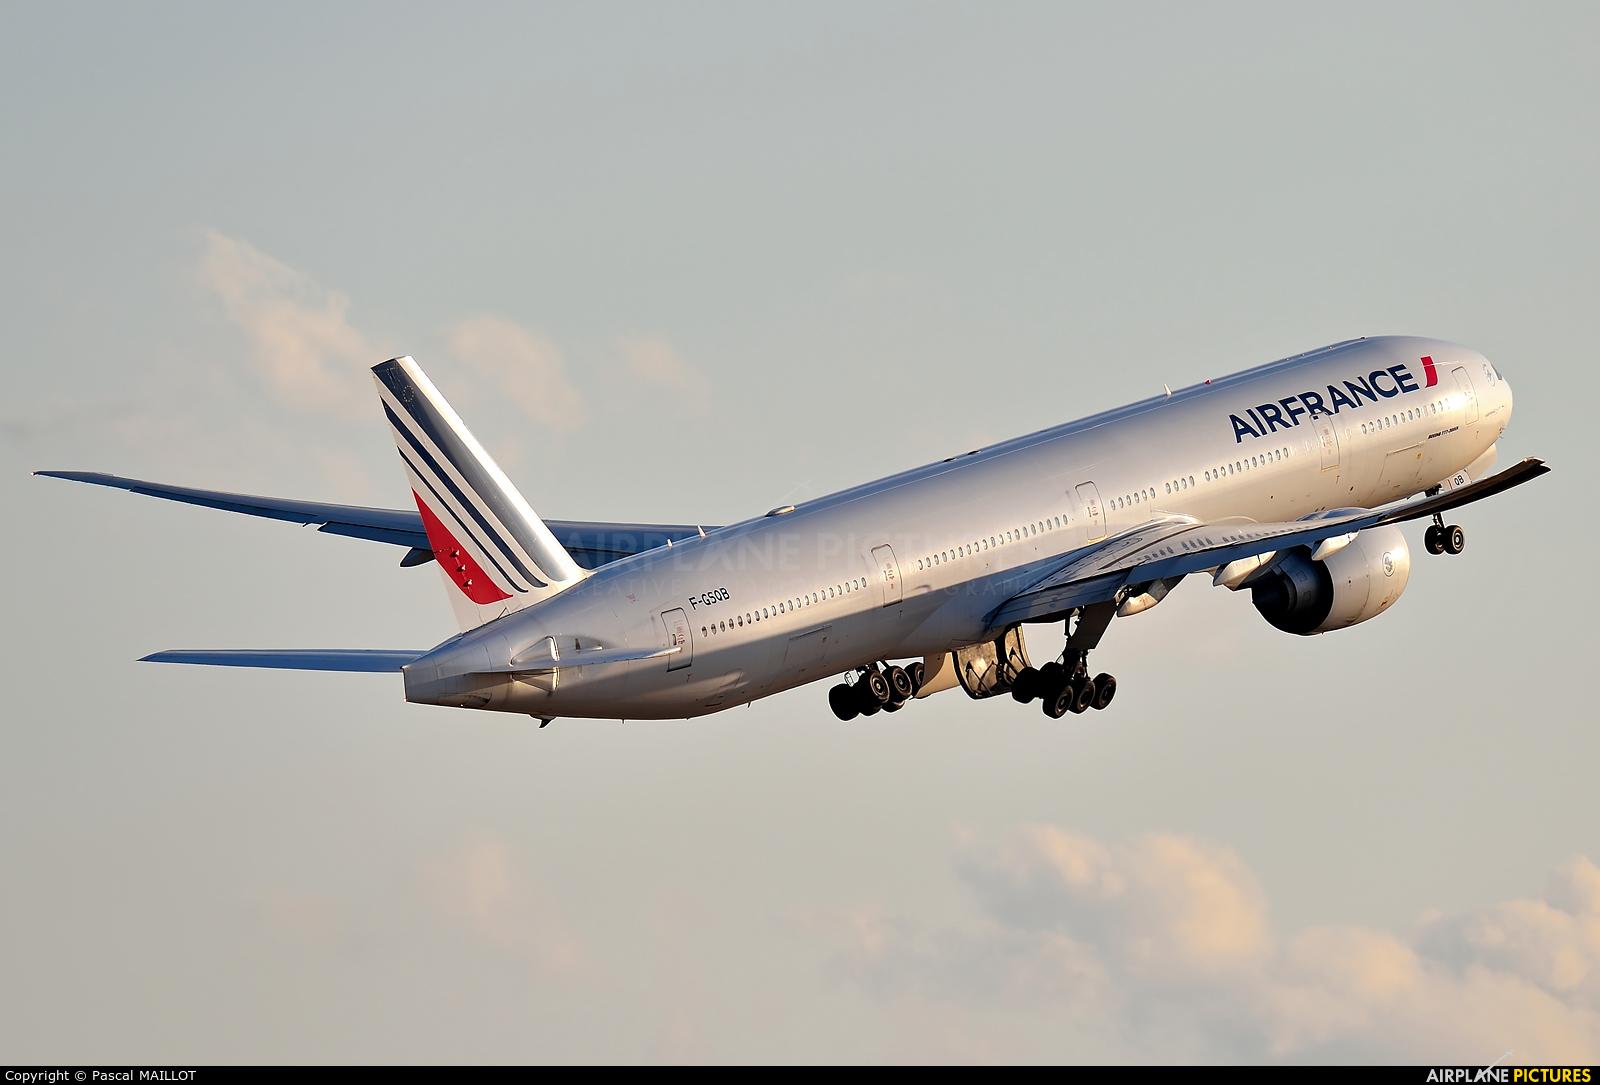 Air France F-GSQB aircraft at Paris - Charles de Gaulle